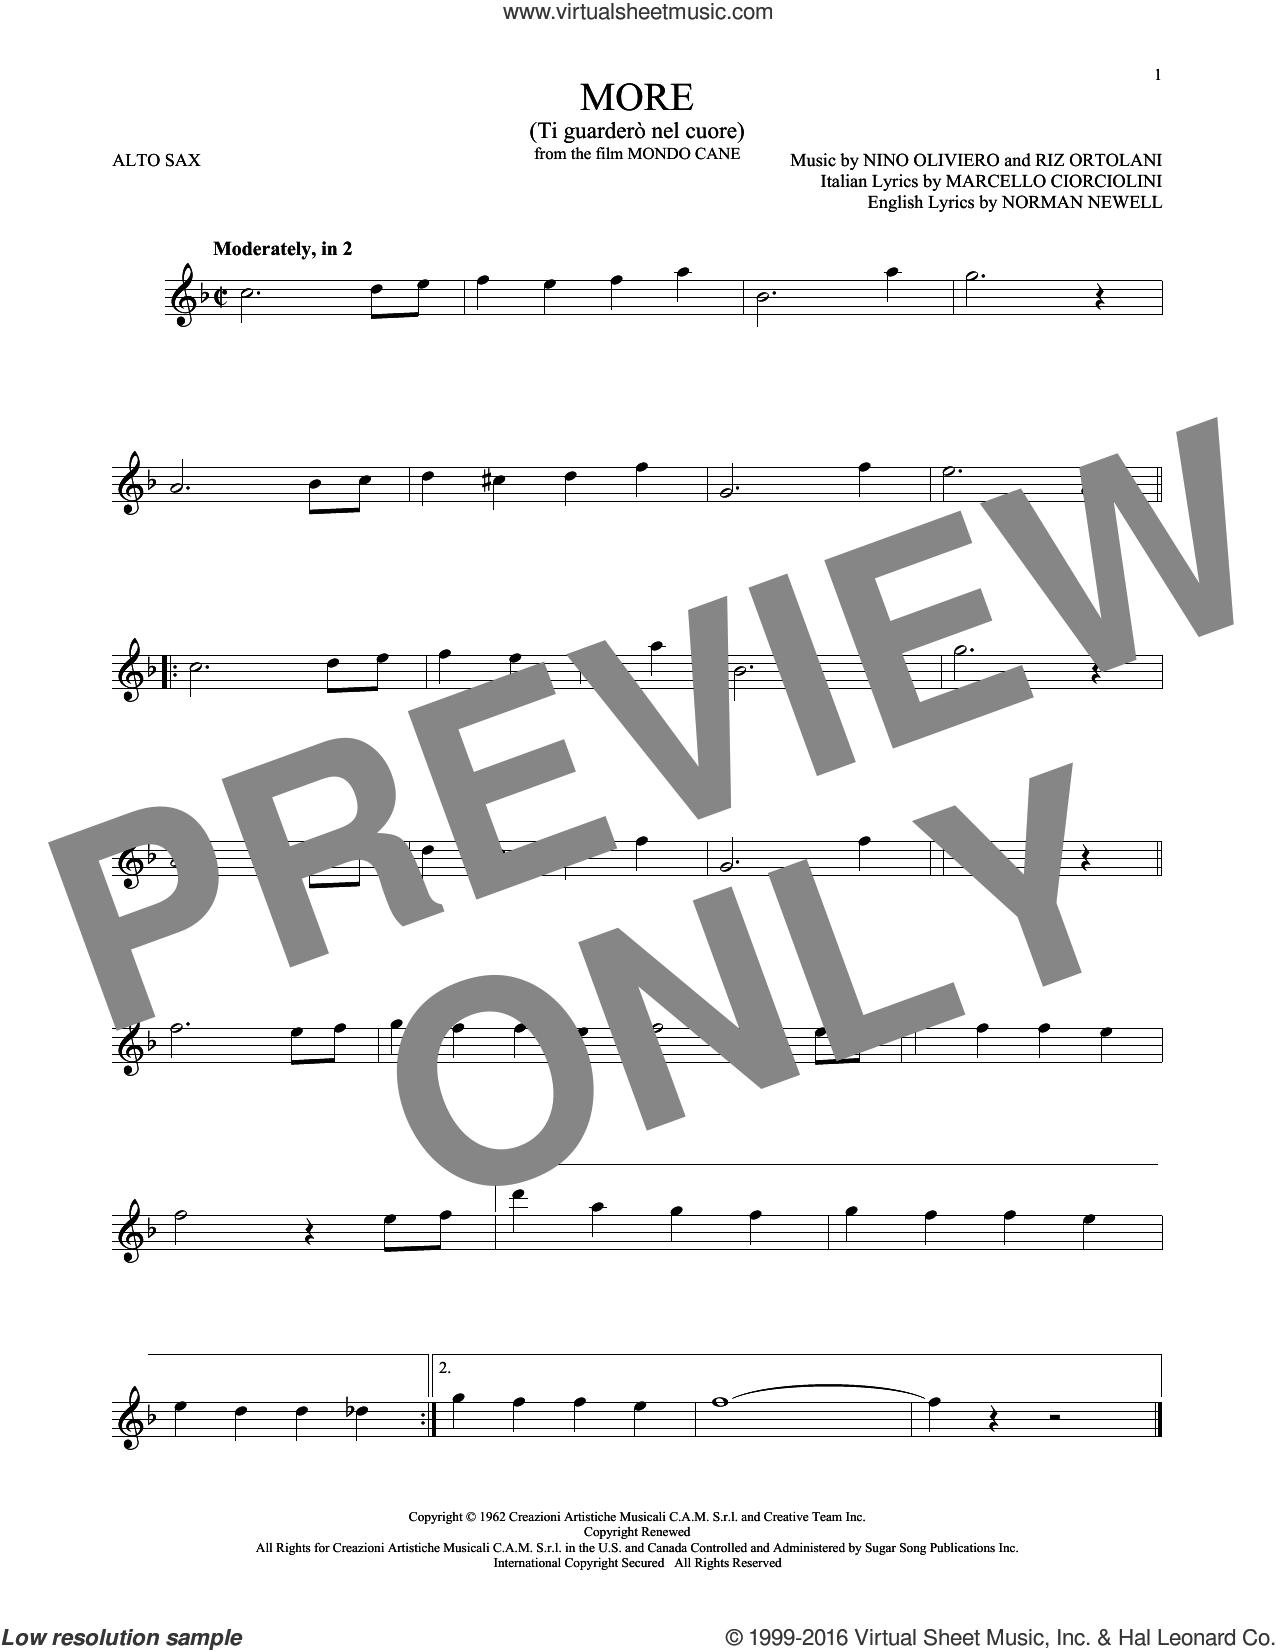 More (Ti Guardero Nel Cuore) sheet music for alto saxophone solo by Norman Newell, Kai Winding, Marcello Ciorciolini, Nino Oliviero and Riz Ortolani, intermediate skill level